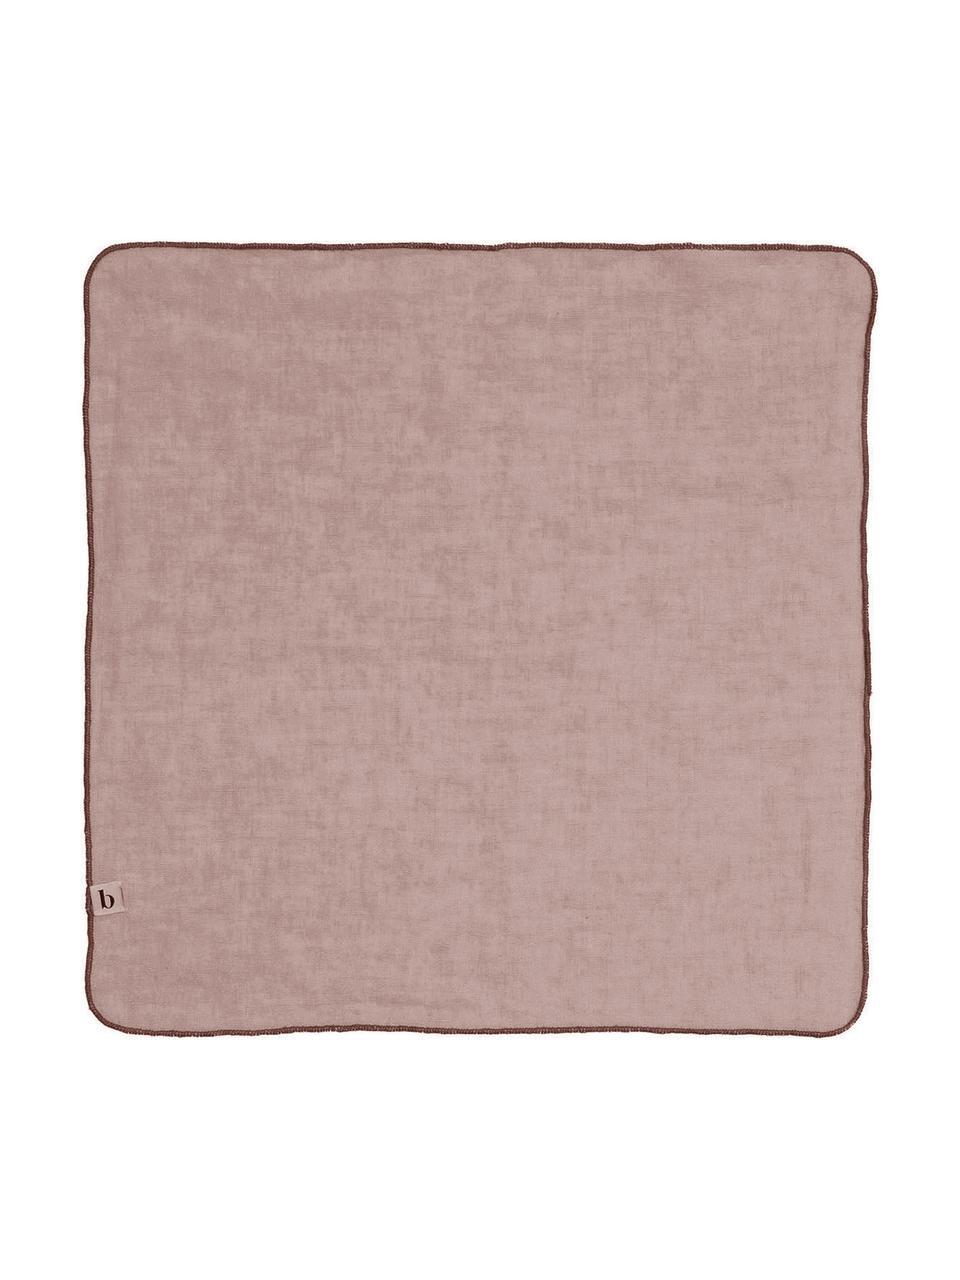 Tovagliolo in lino Gracie 2 pz, 100% lino, Verde, Lung. 45 x Larg. 45 cm